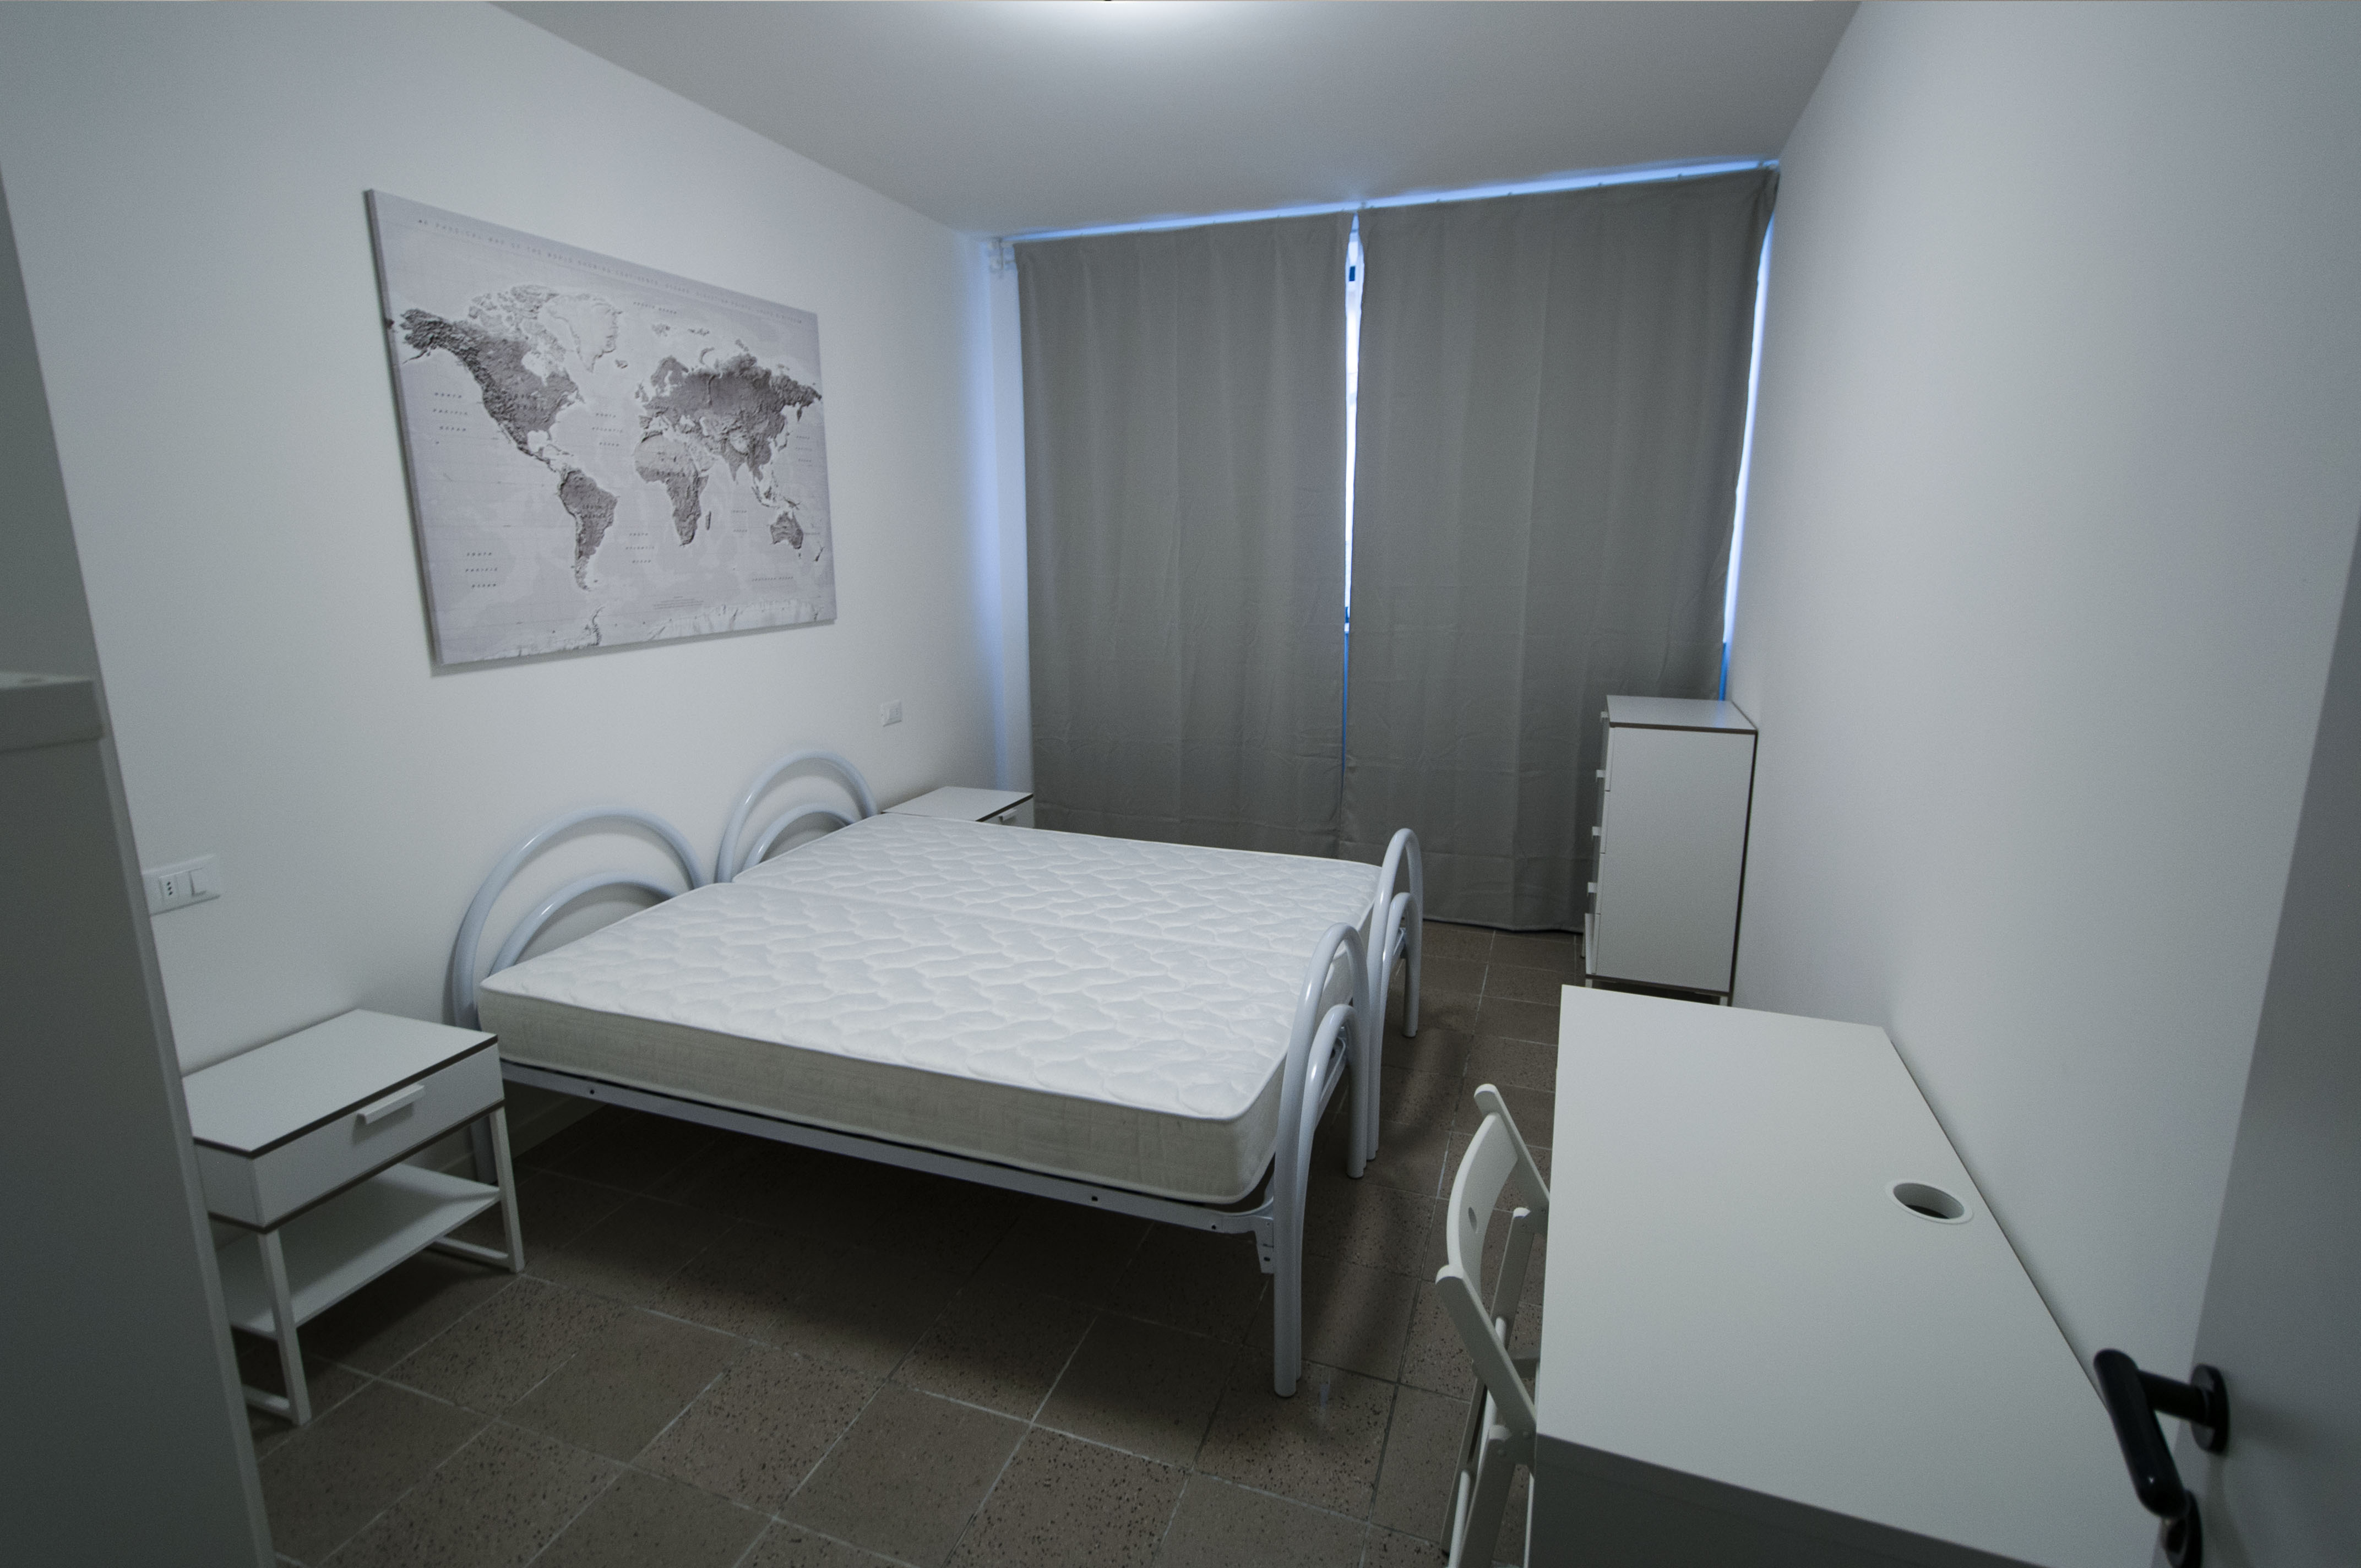 Camere in Affitto Treviso Villorba - Studio Architettura Zanatta 10